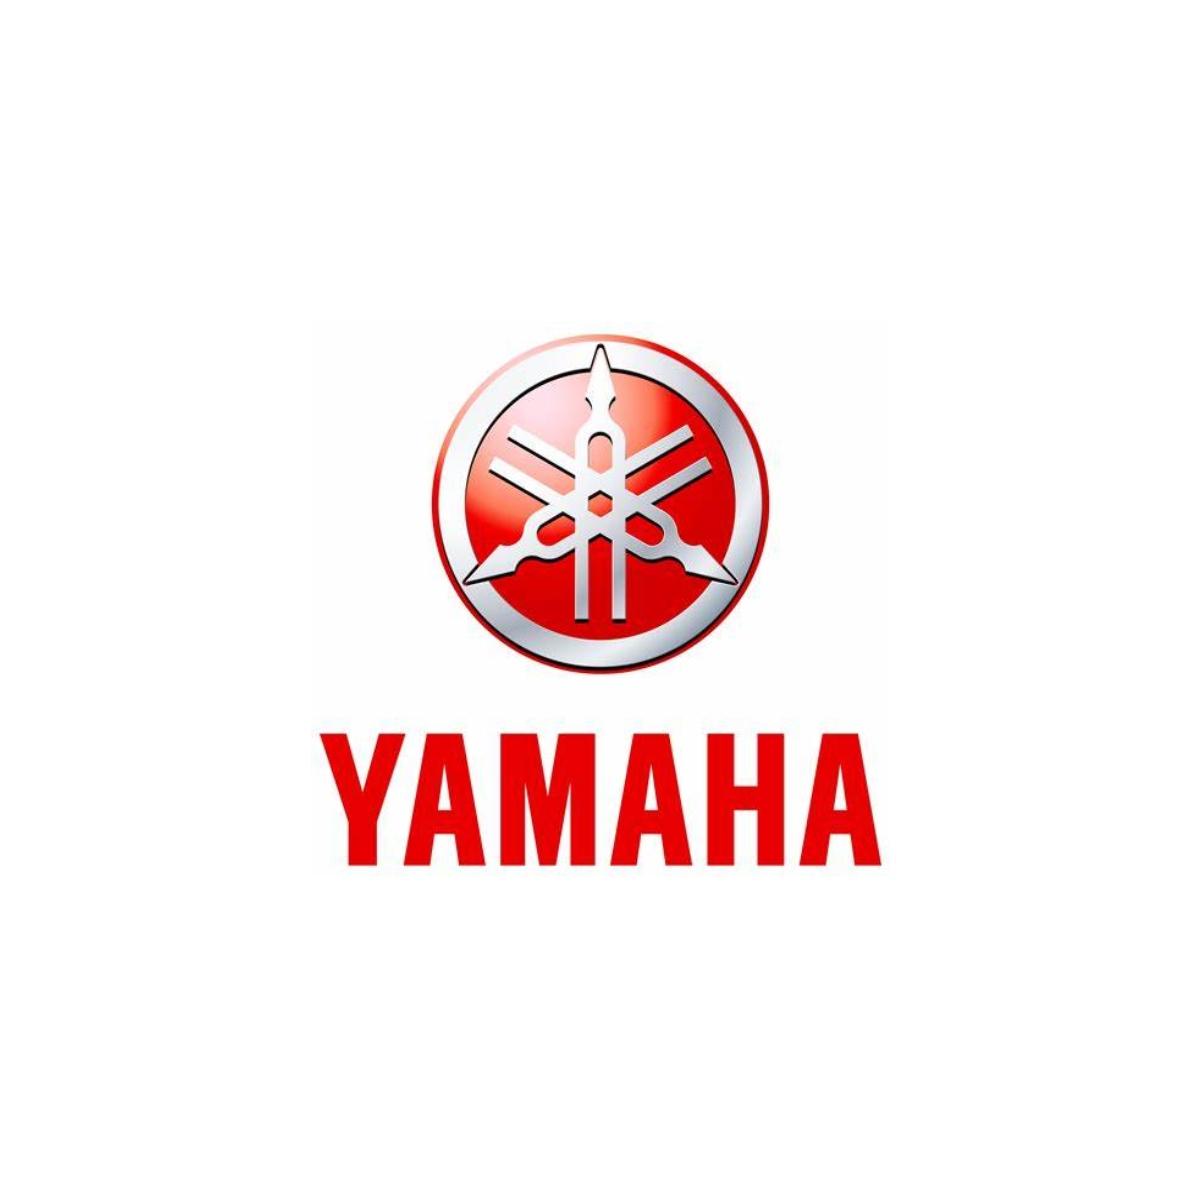 Filtro de Óleo para Jet Ski Yamaha Sho/Fzr/Fzs/Vxr 1.8 nacional  - Radical Peças - Peças para Jet Ski